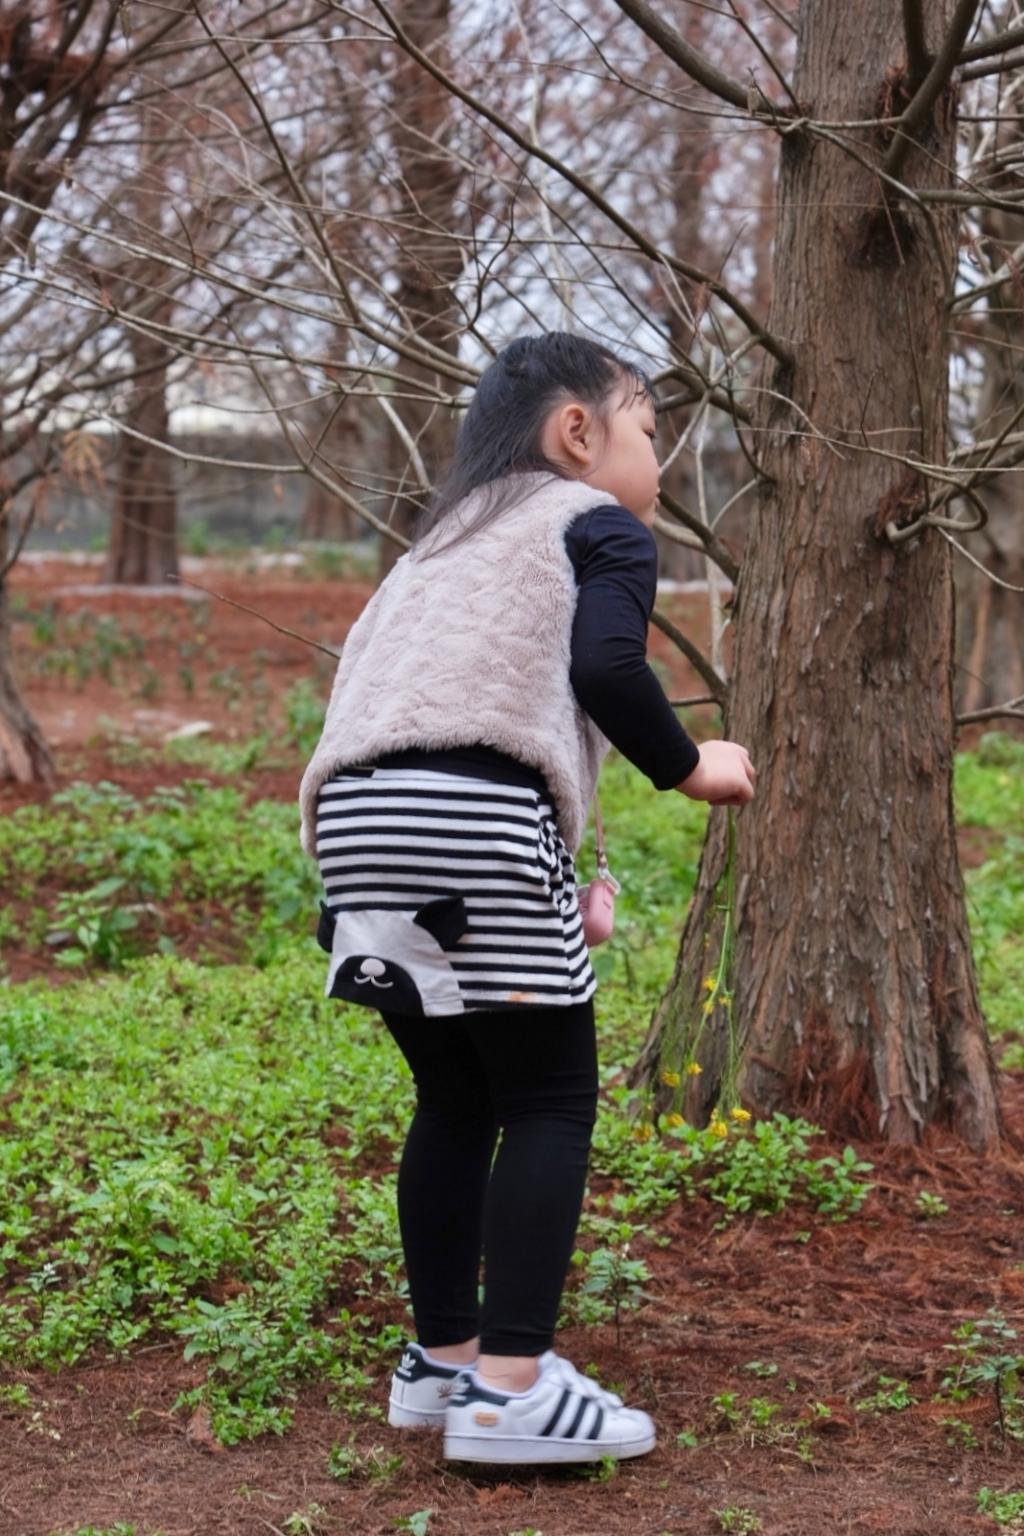 【台中外埔】外埔落羽松秘境:火炎山下200棵落羽松樹林,后里麗寶樂園附近的秘境 @飛天璇的口袋